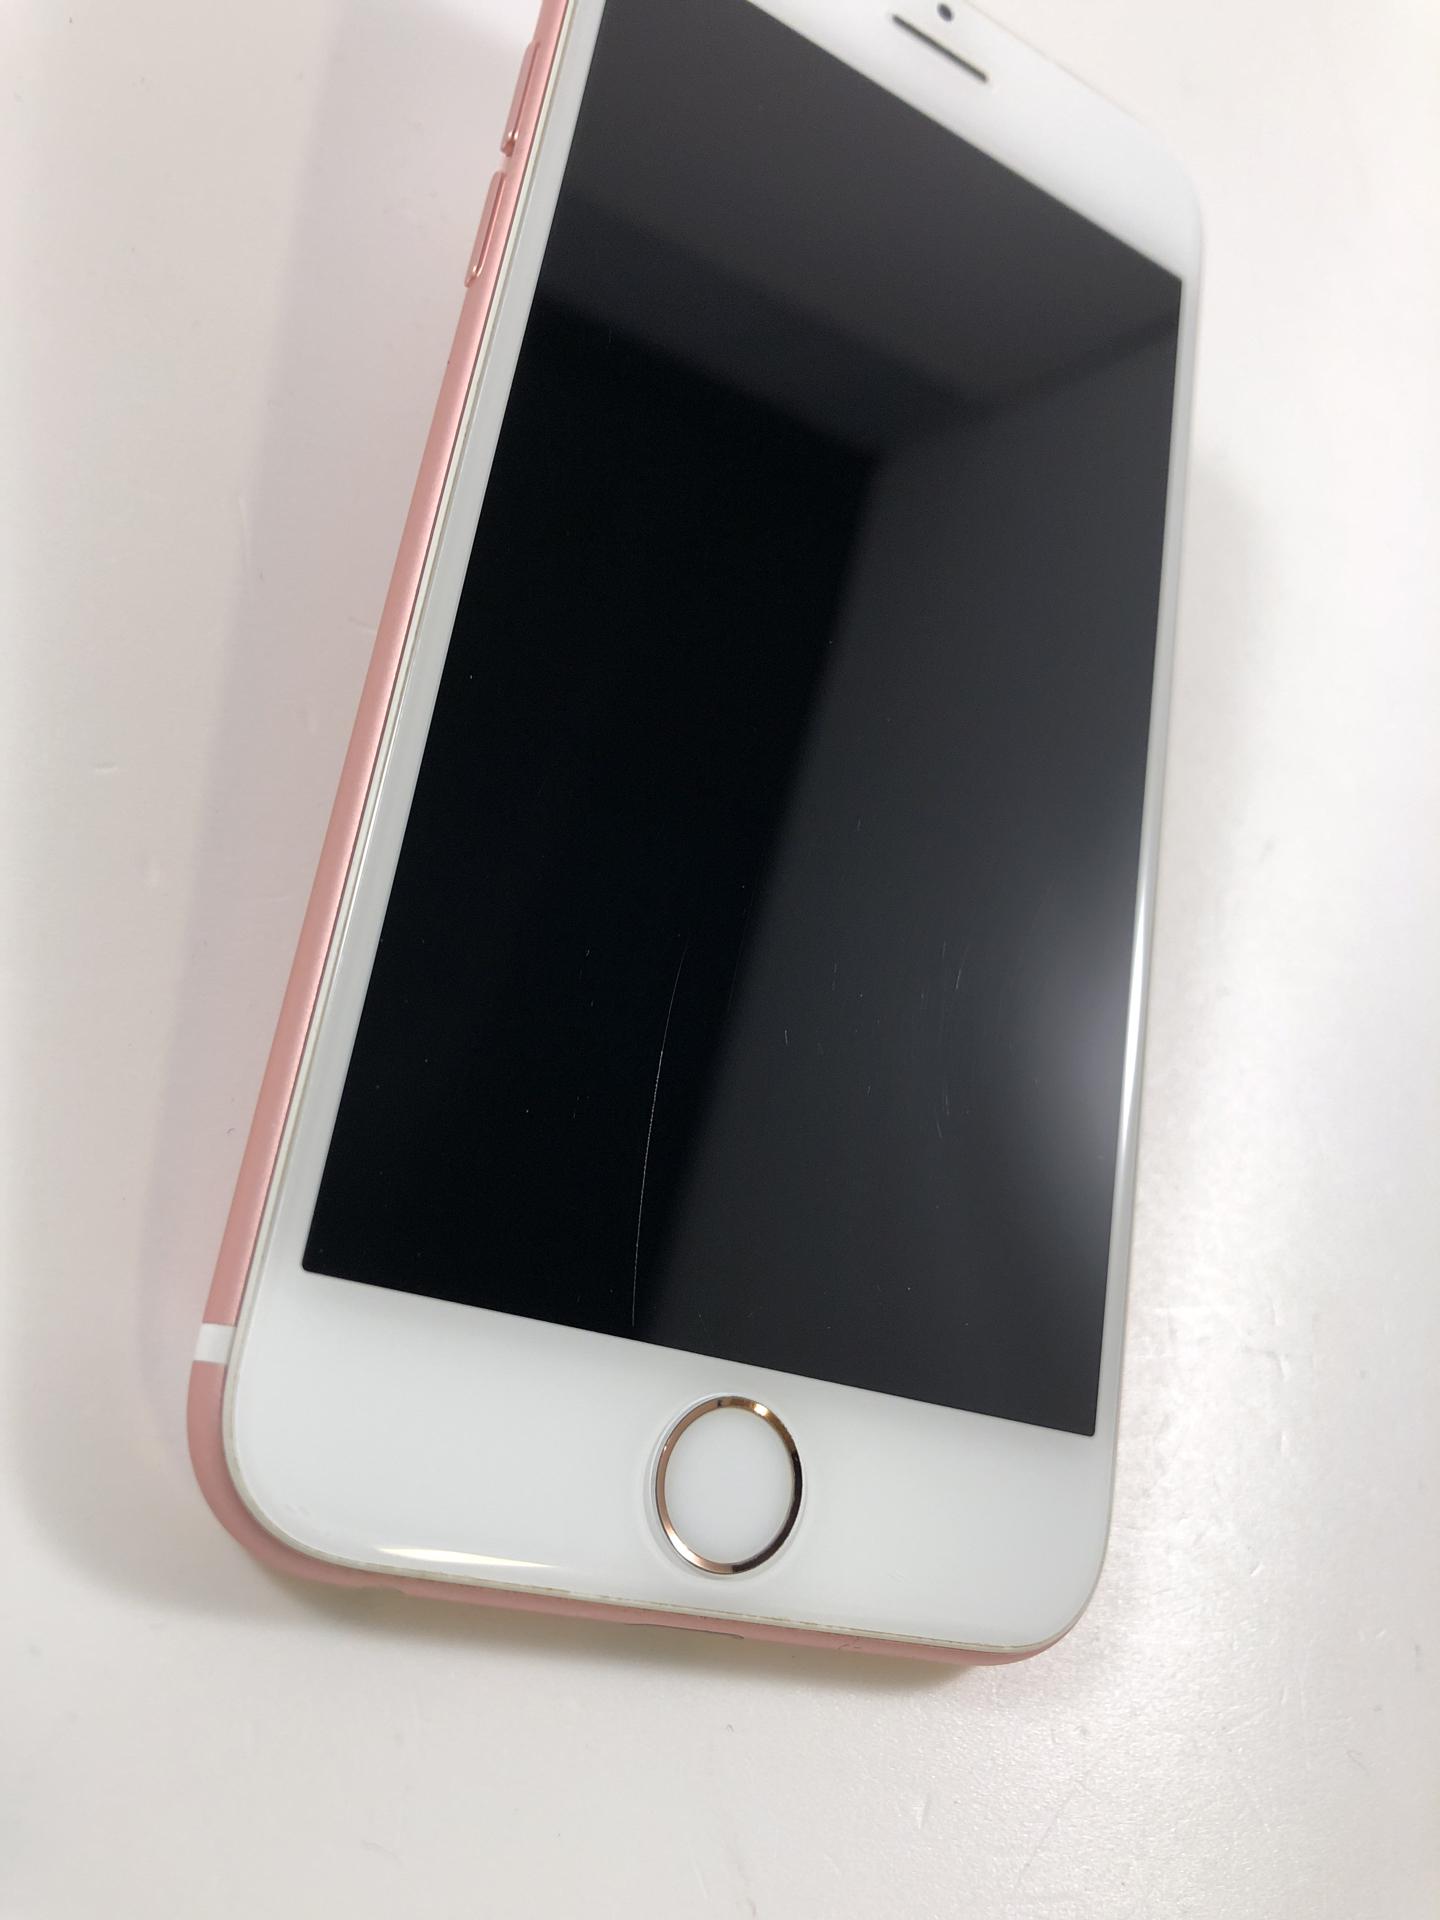 iPhone 6S 64GB, 64GB, Rose Gold, bild 2